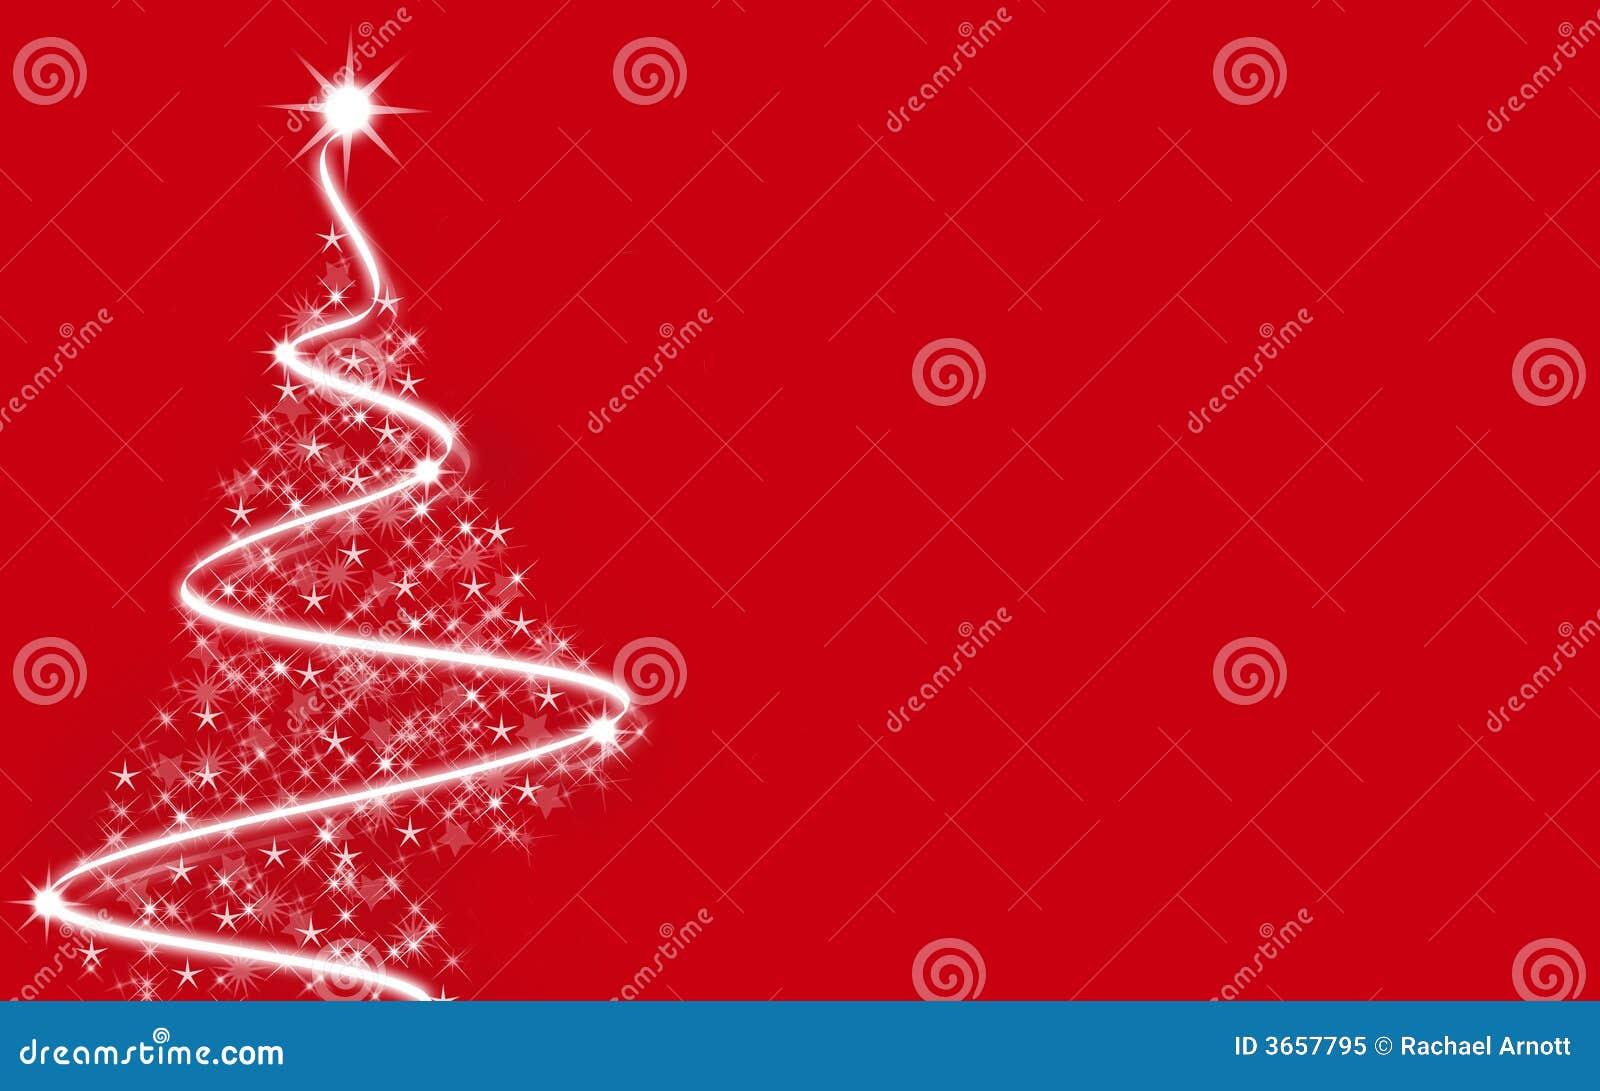 weihnachtsbaum rot stock abbildung illustration von. Black Bedroom Furniture Sets. Home Design Ideas